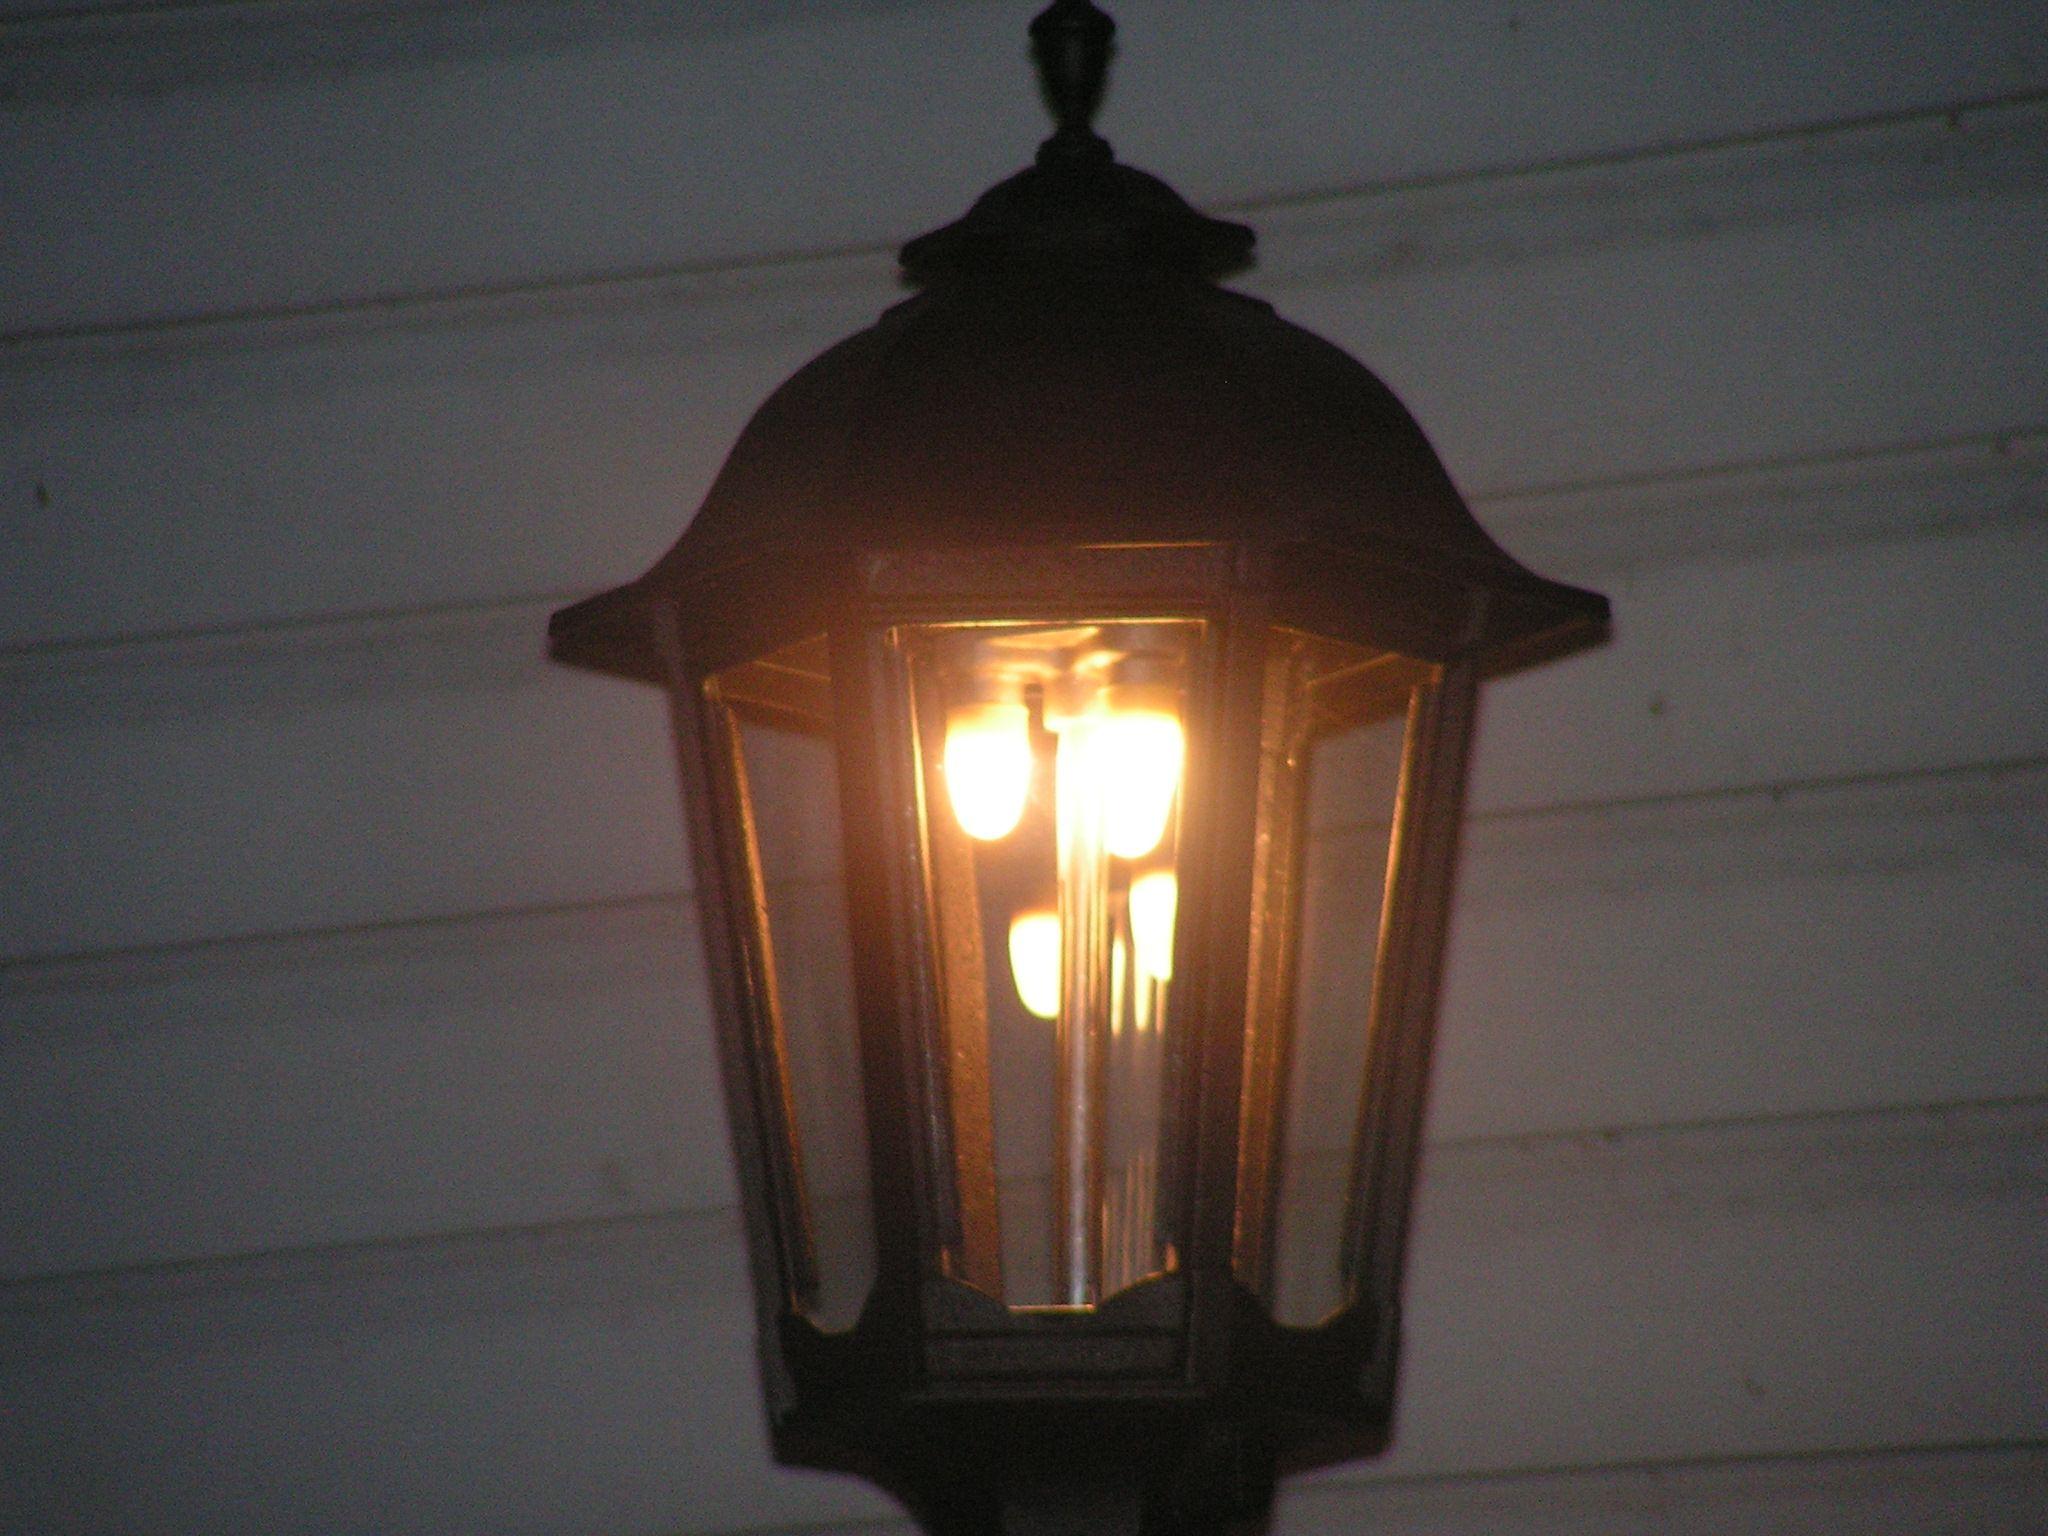 LED that looks like a gas light | Outdoor Lighting | Pinterest ... for Gaslight Lamp  66plt